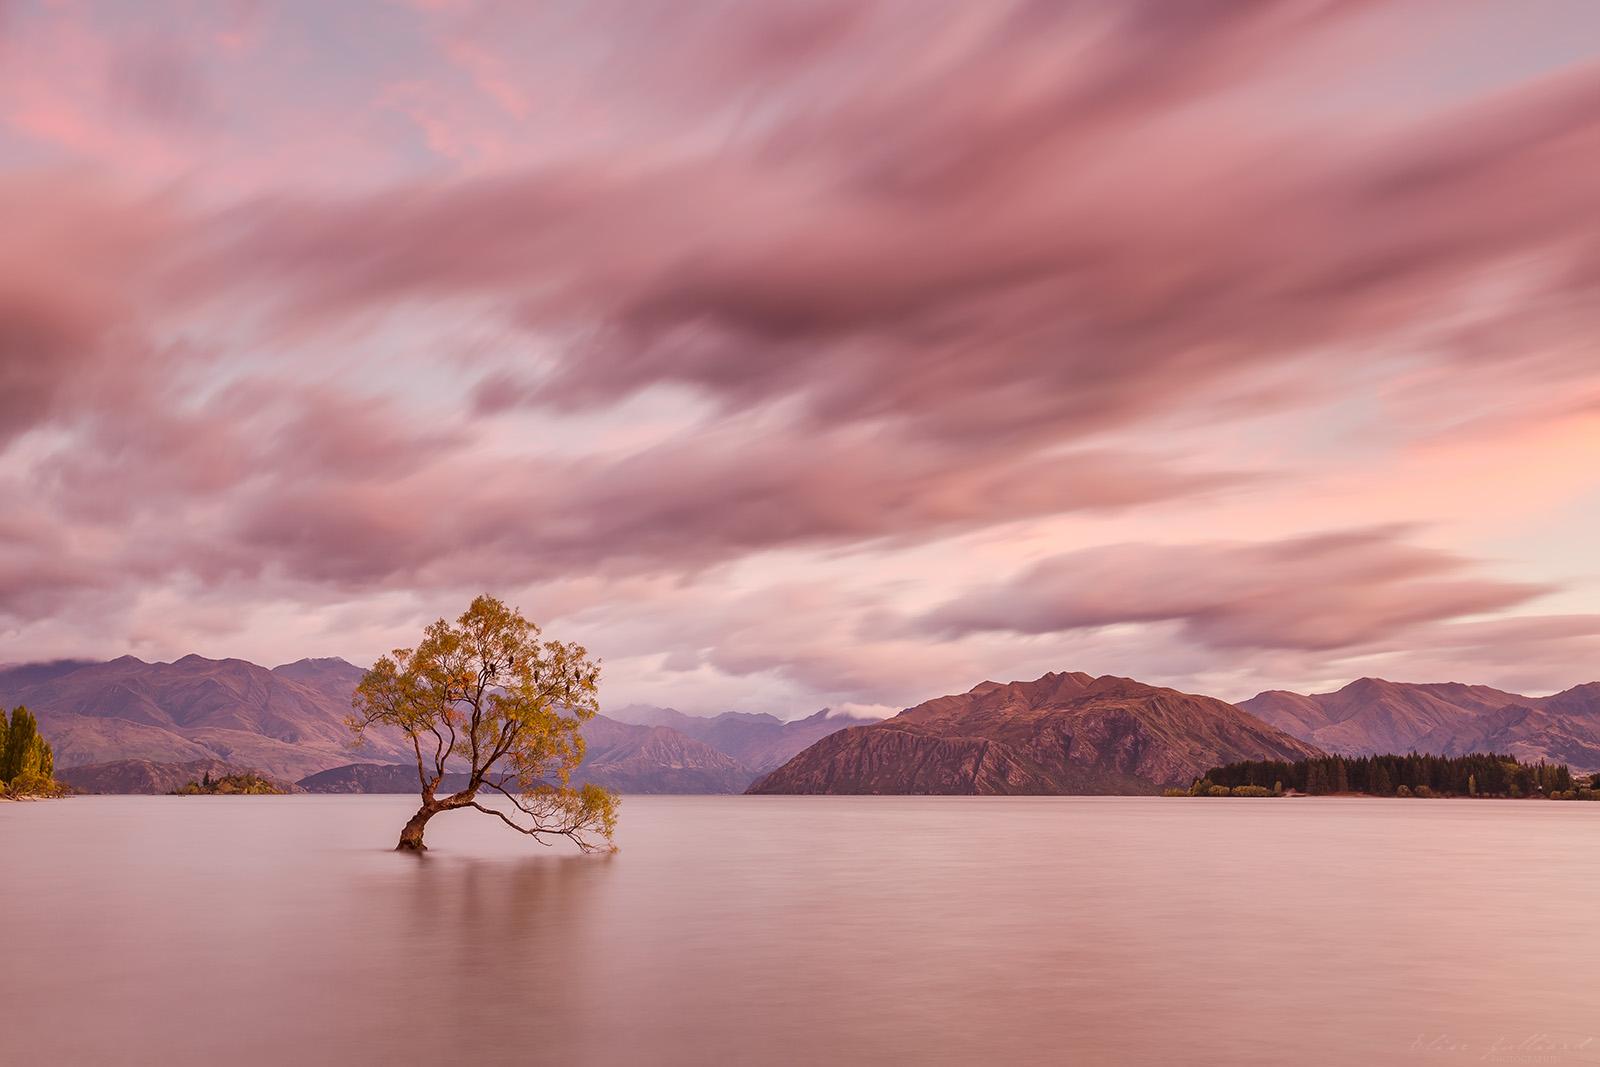 wanaka-lake-tree-new-zealand-nouvelle-zelande-otago-south-island-mount-aspiring-photographe-paysage-landscape-autumn-mountain-photographer-elise-julliard